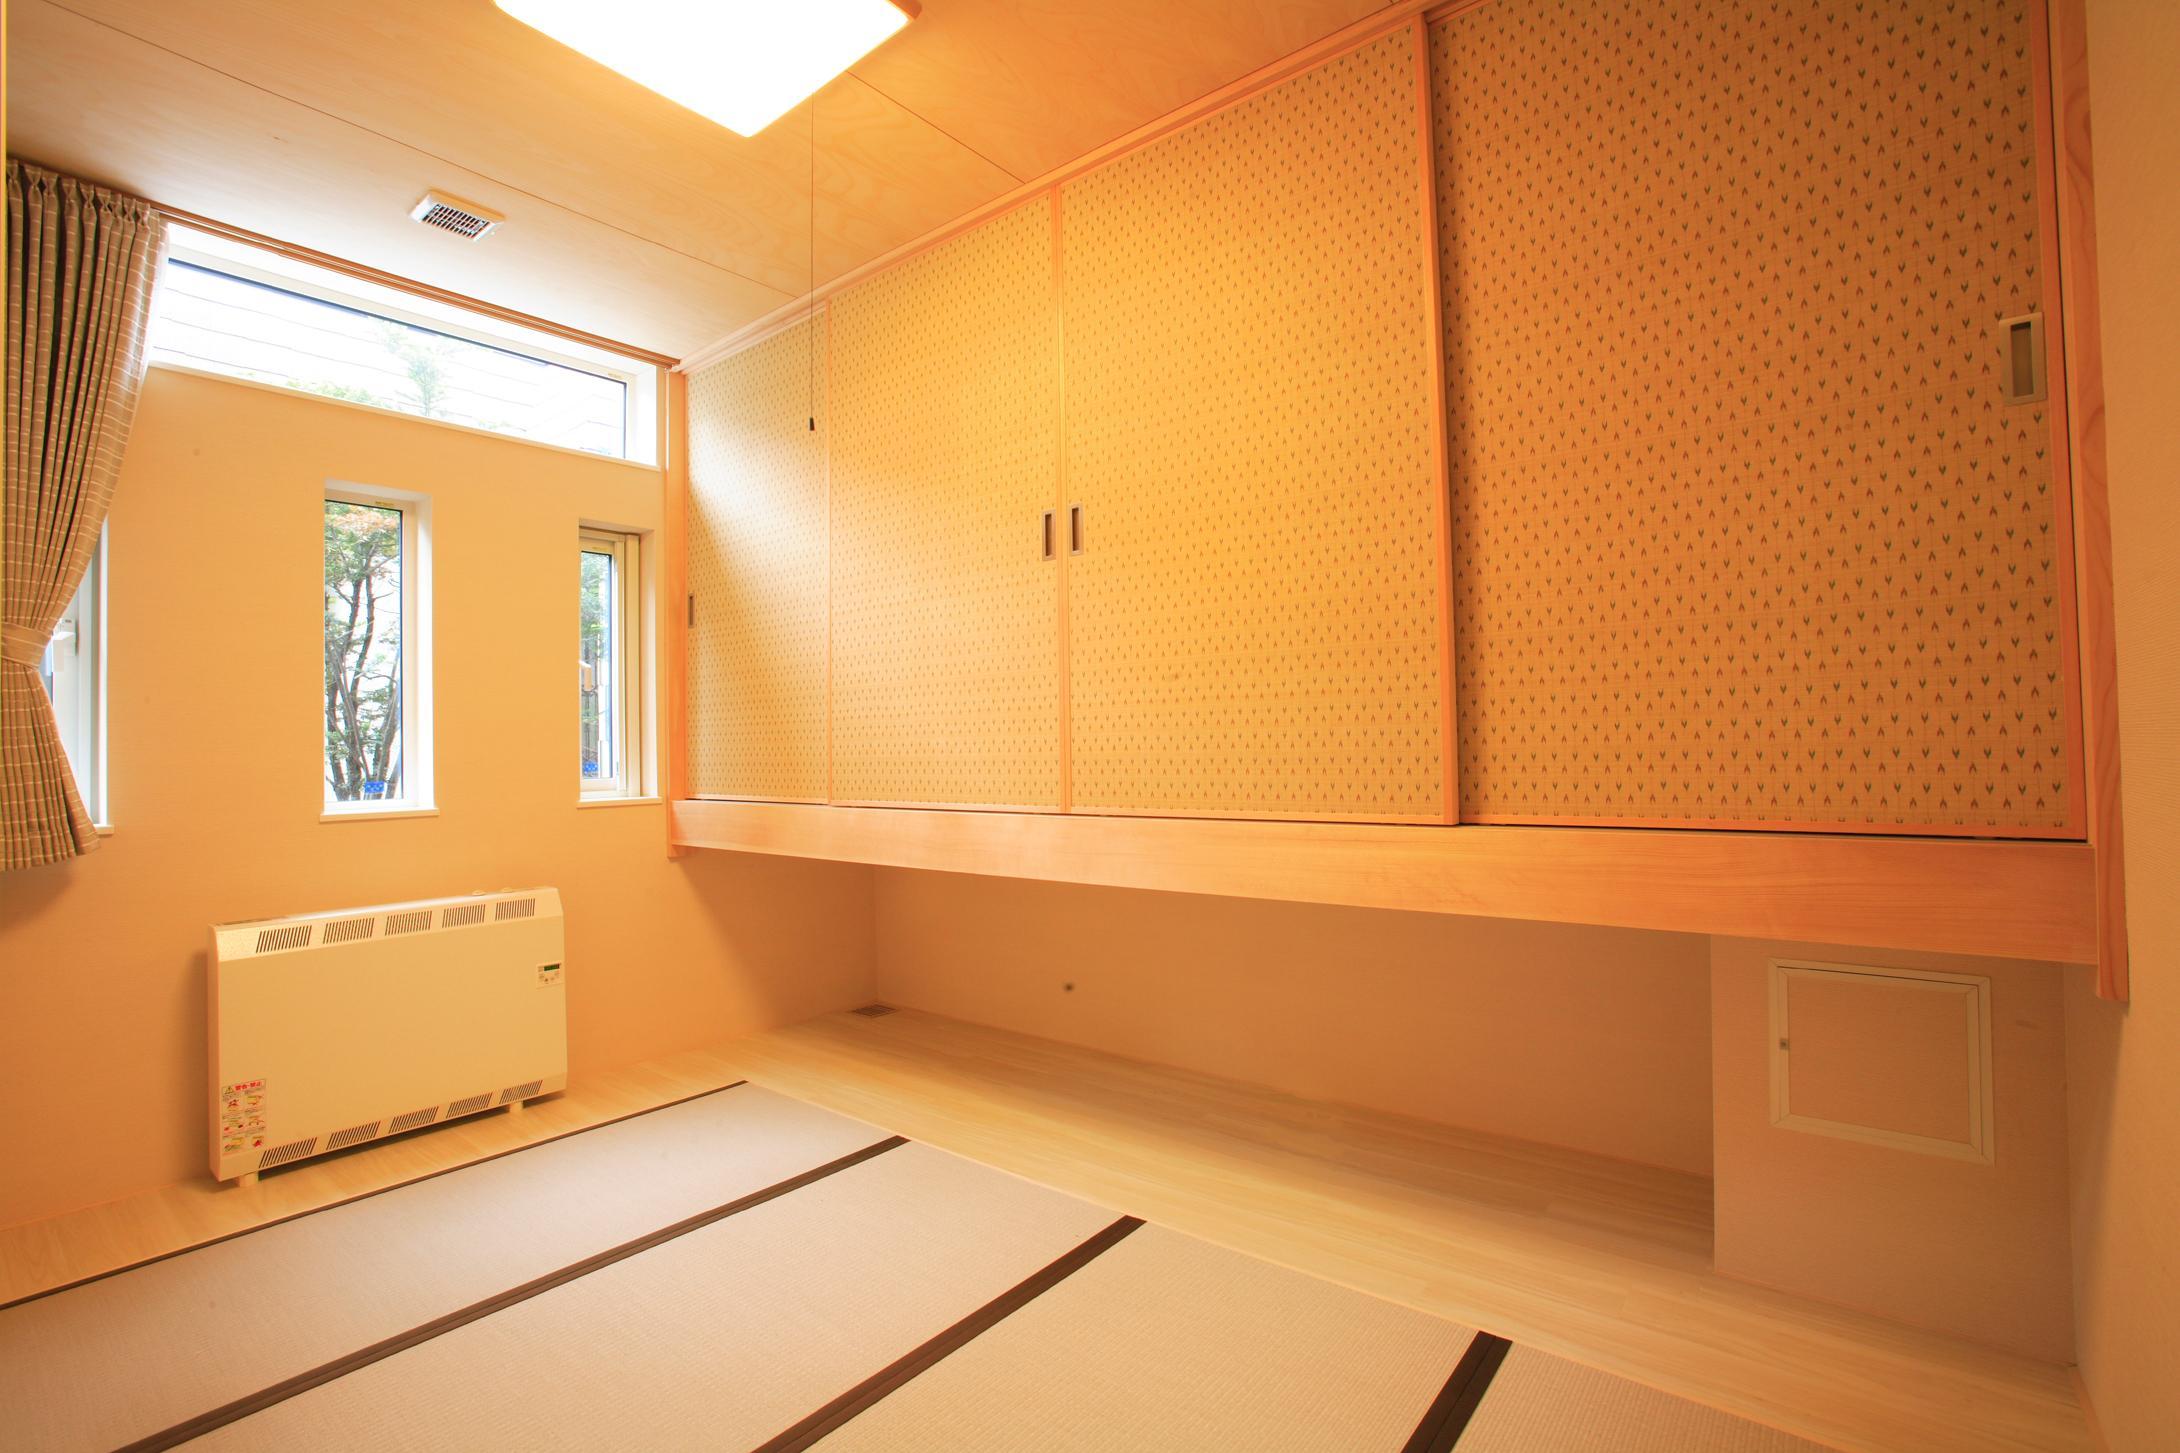 発寒ハウスの写真 収納のある和室